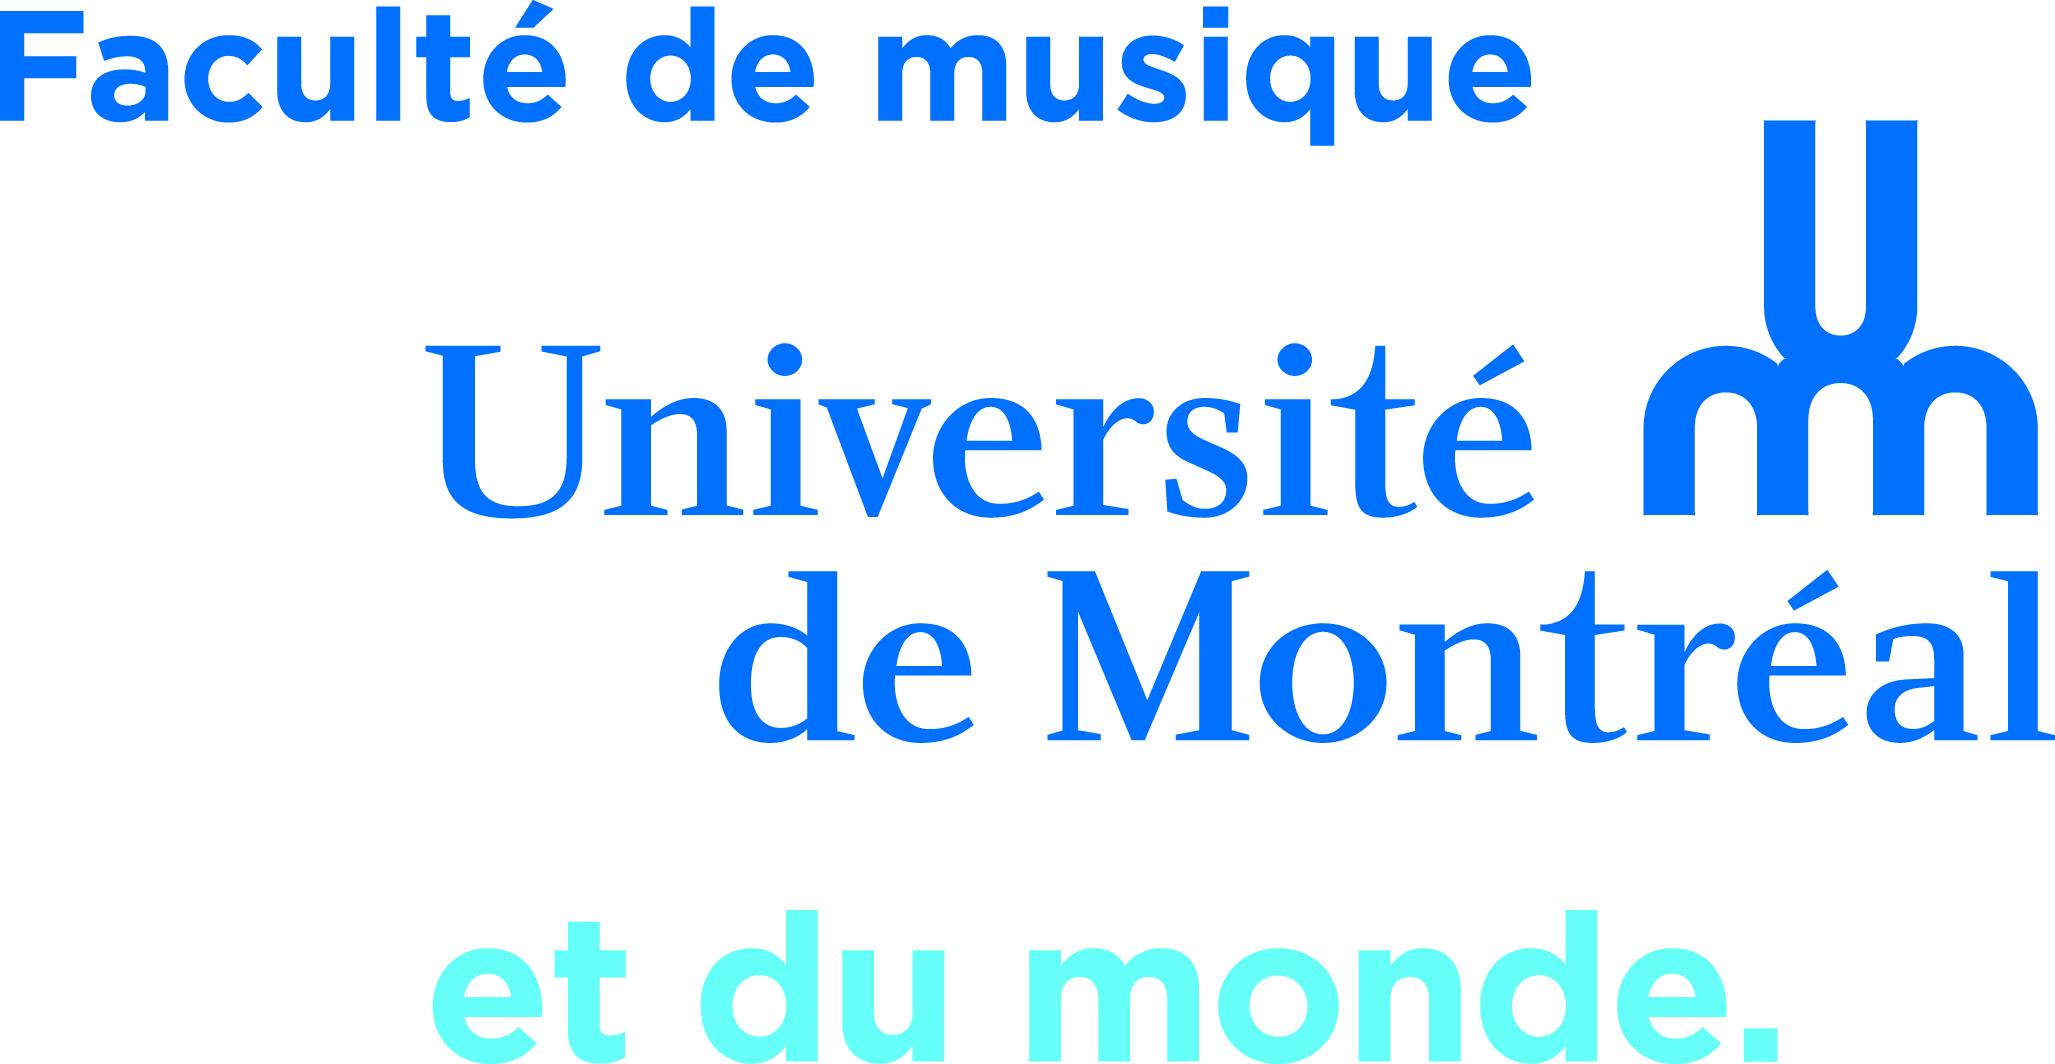 Faculté de musique de l'Université de Montréal